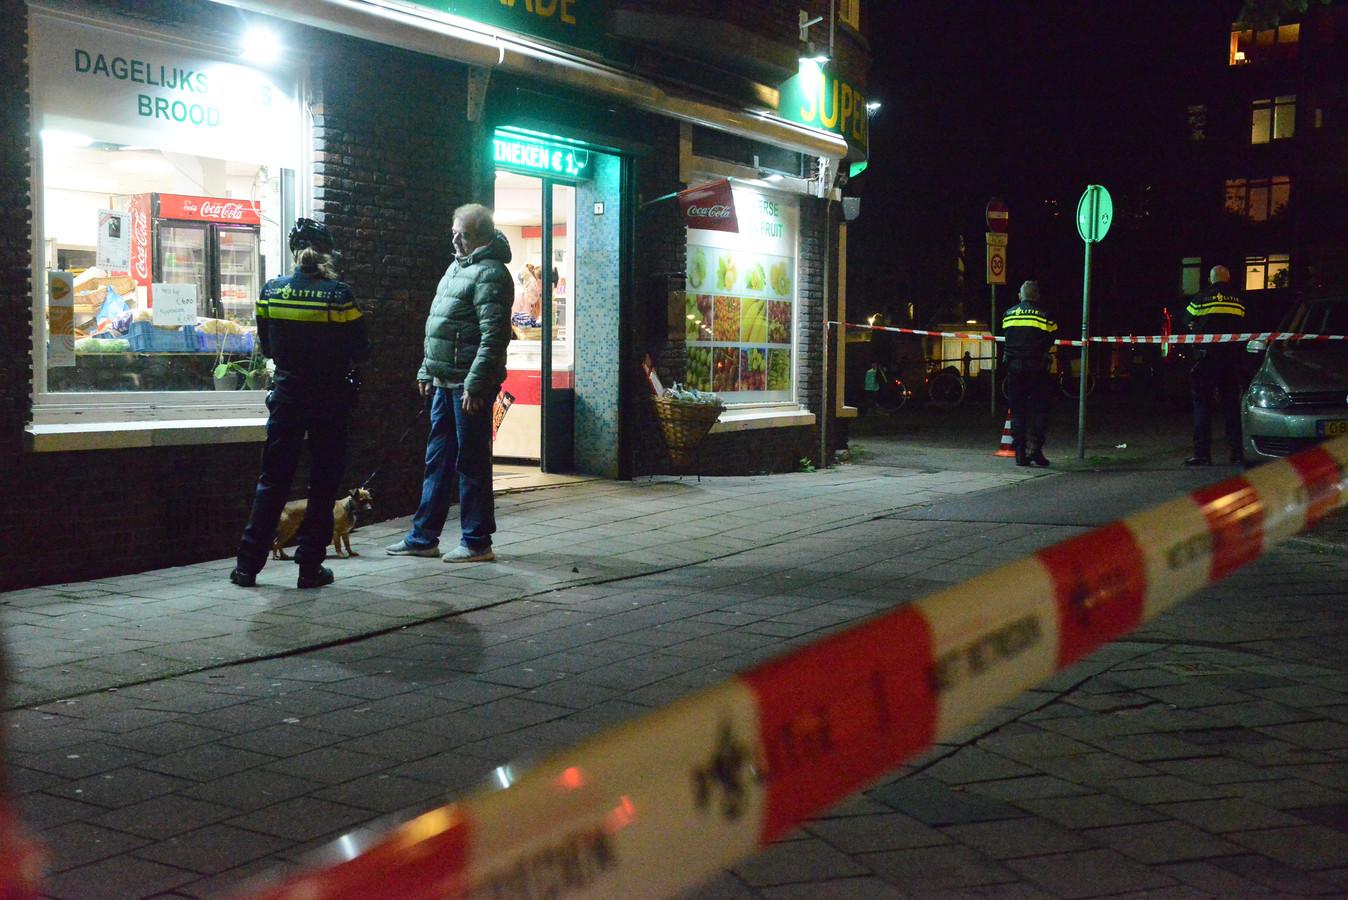 De politie doet onderzoek bij de overvallen supermarkt.